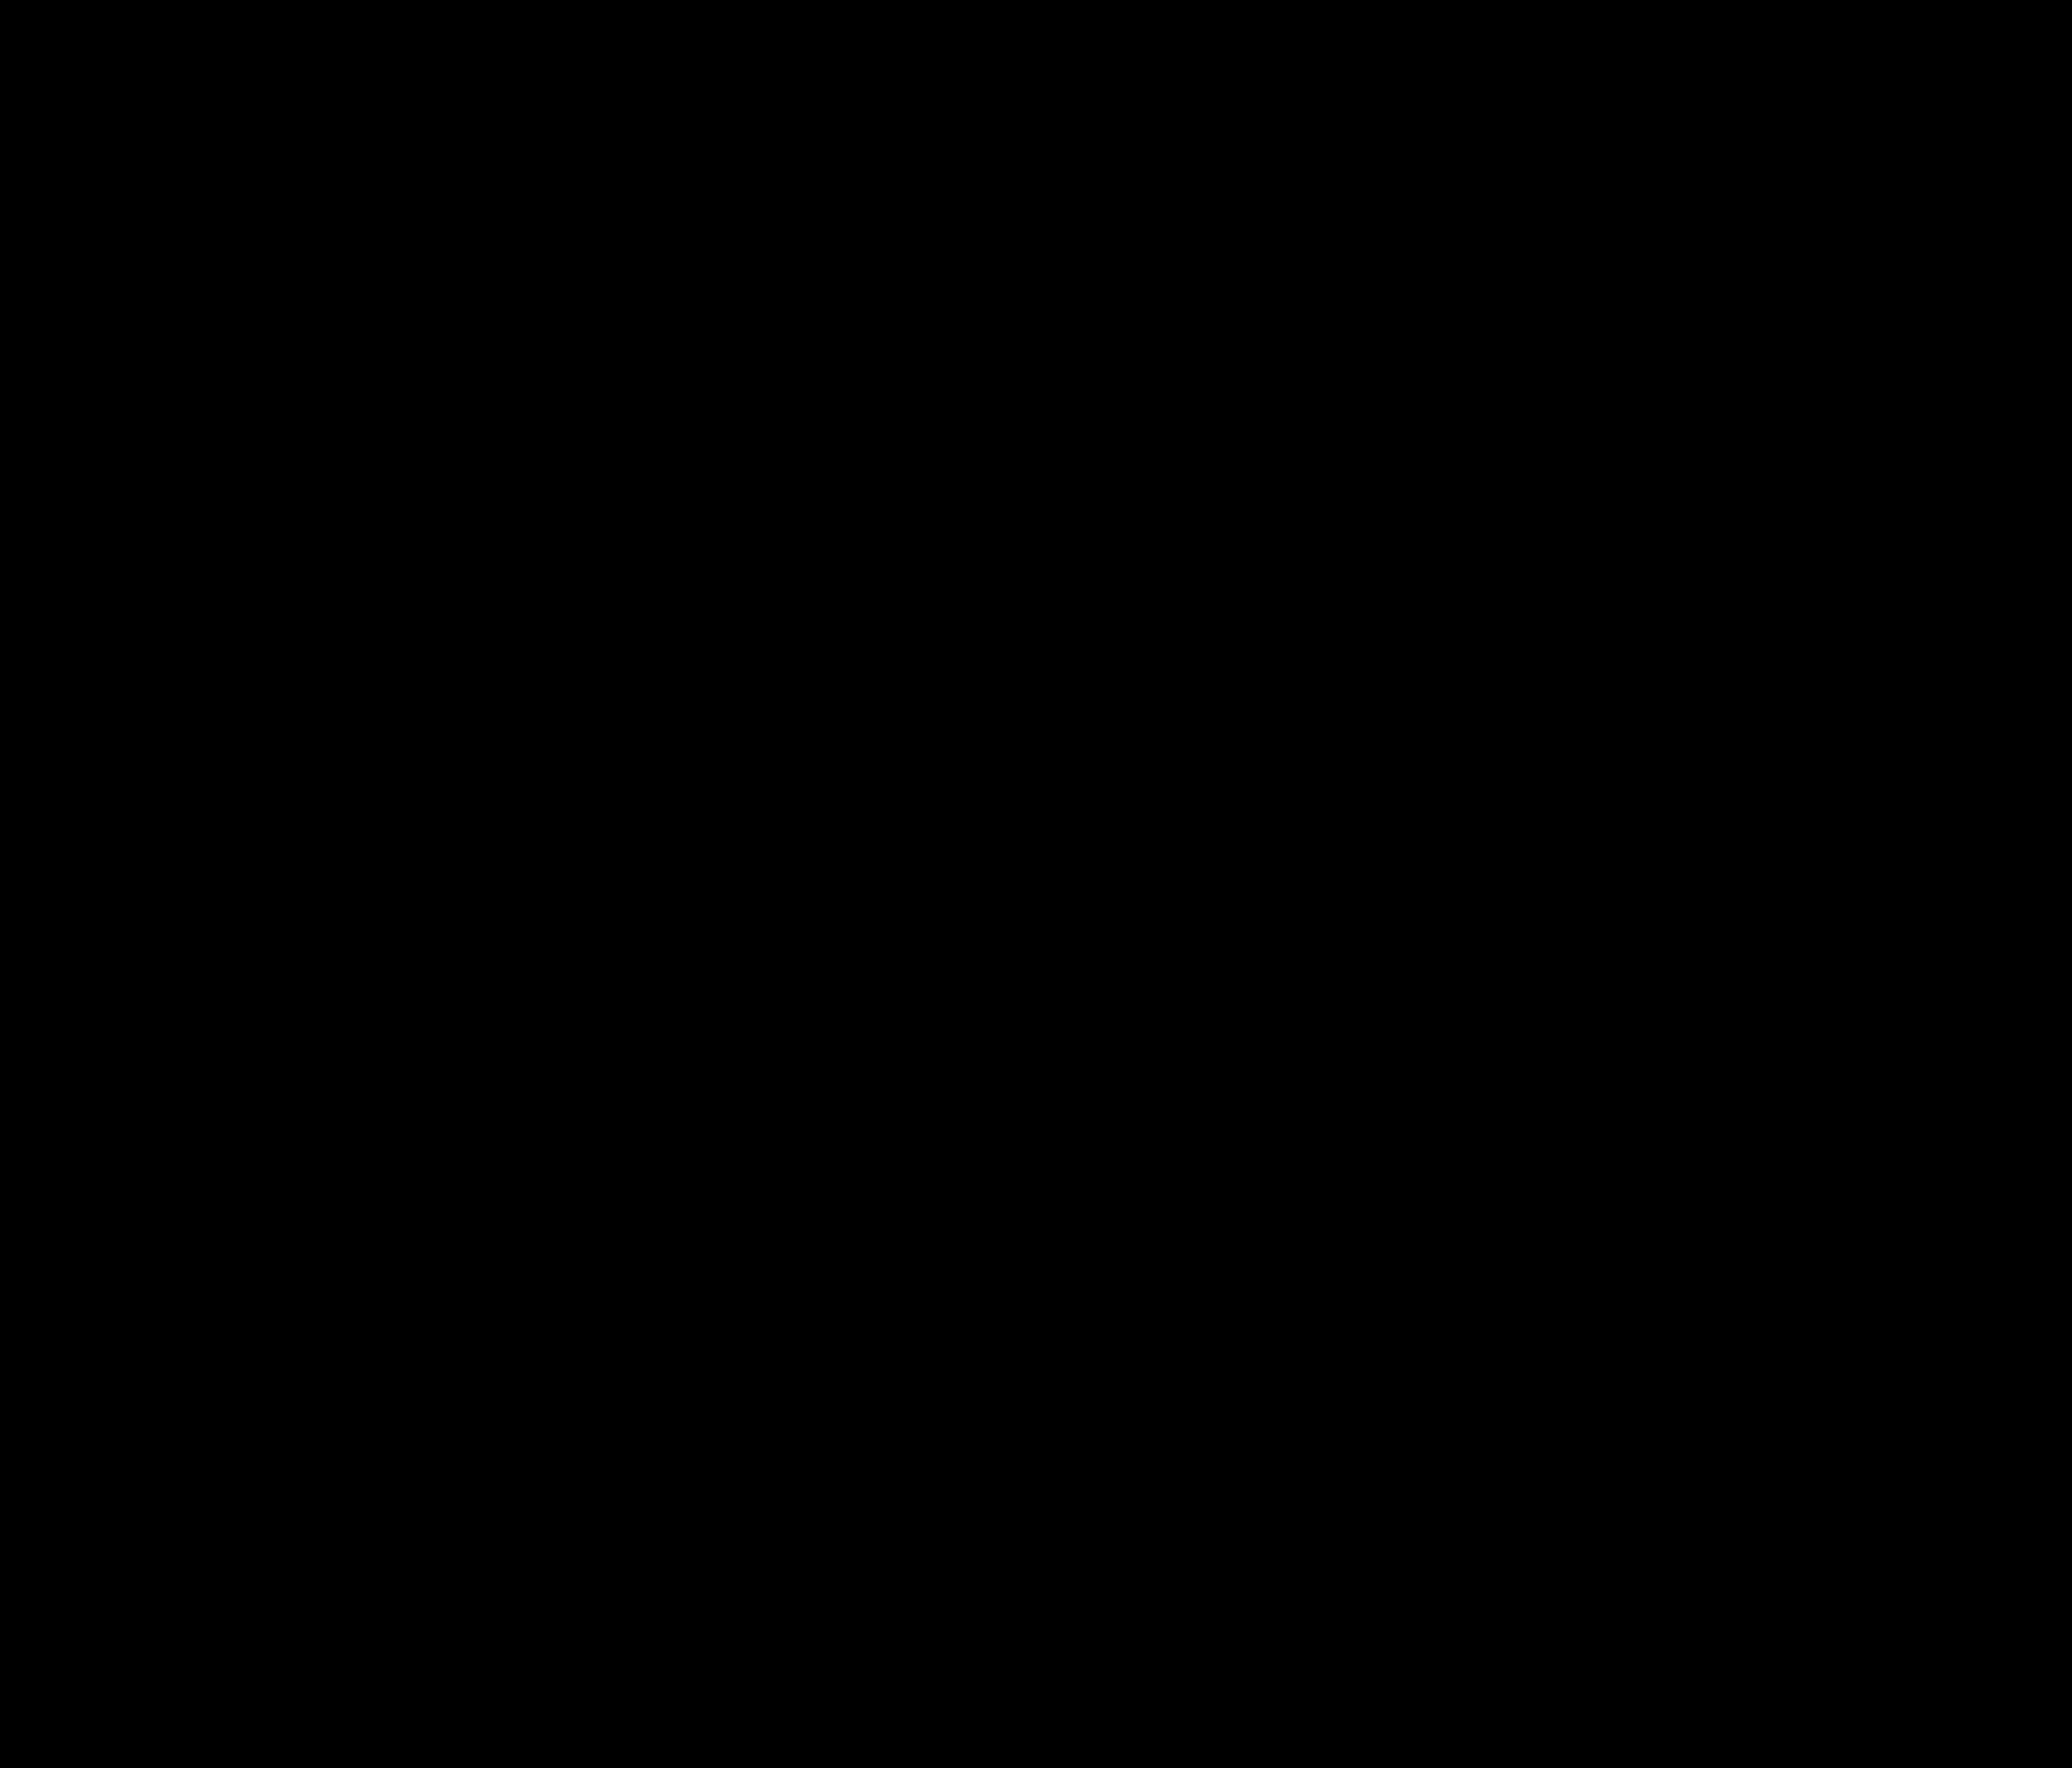 La Dinoraffa